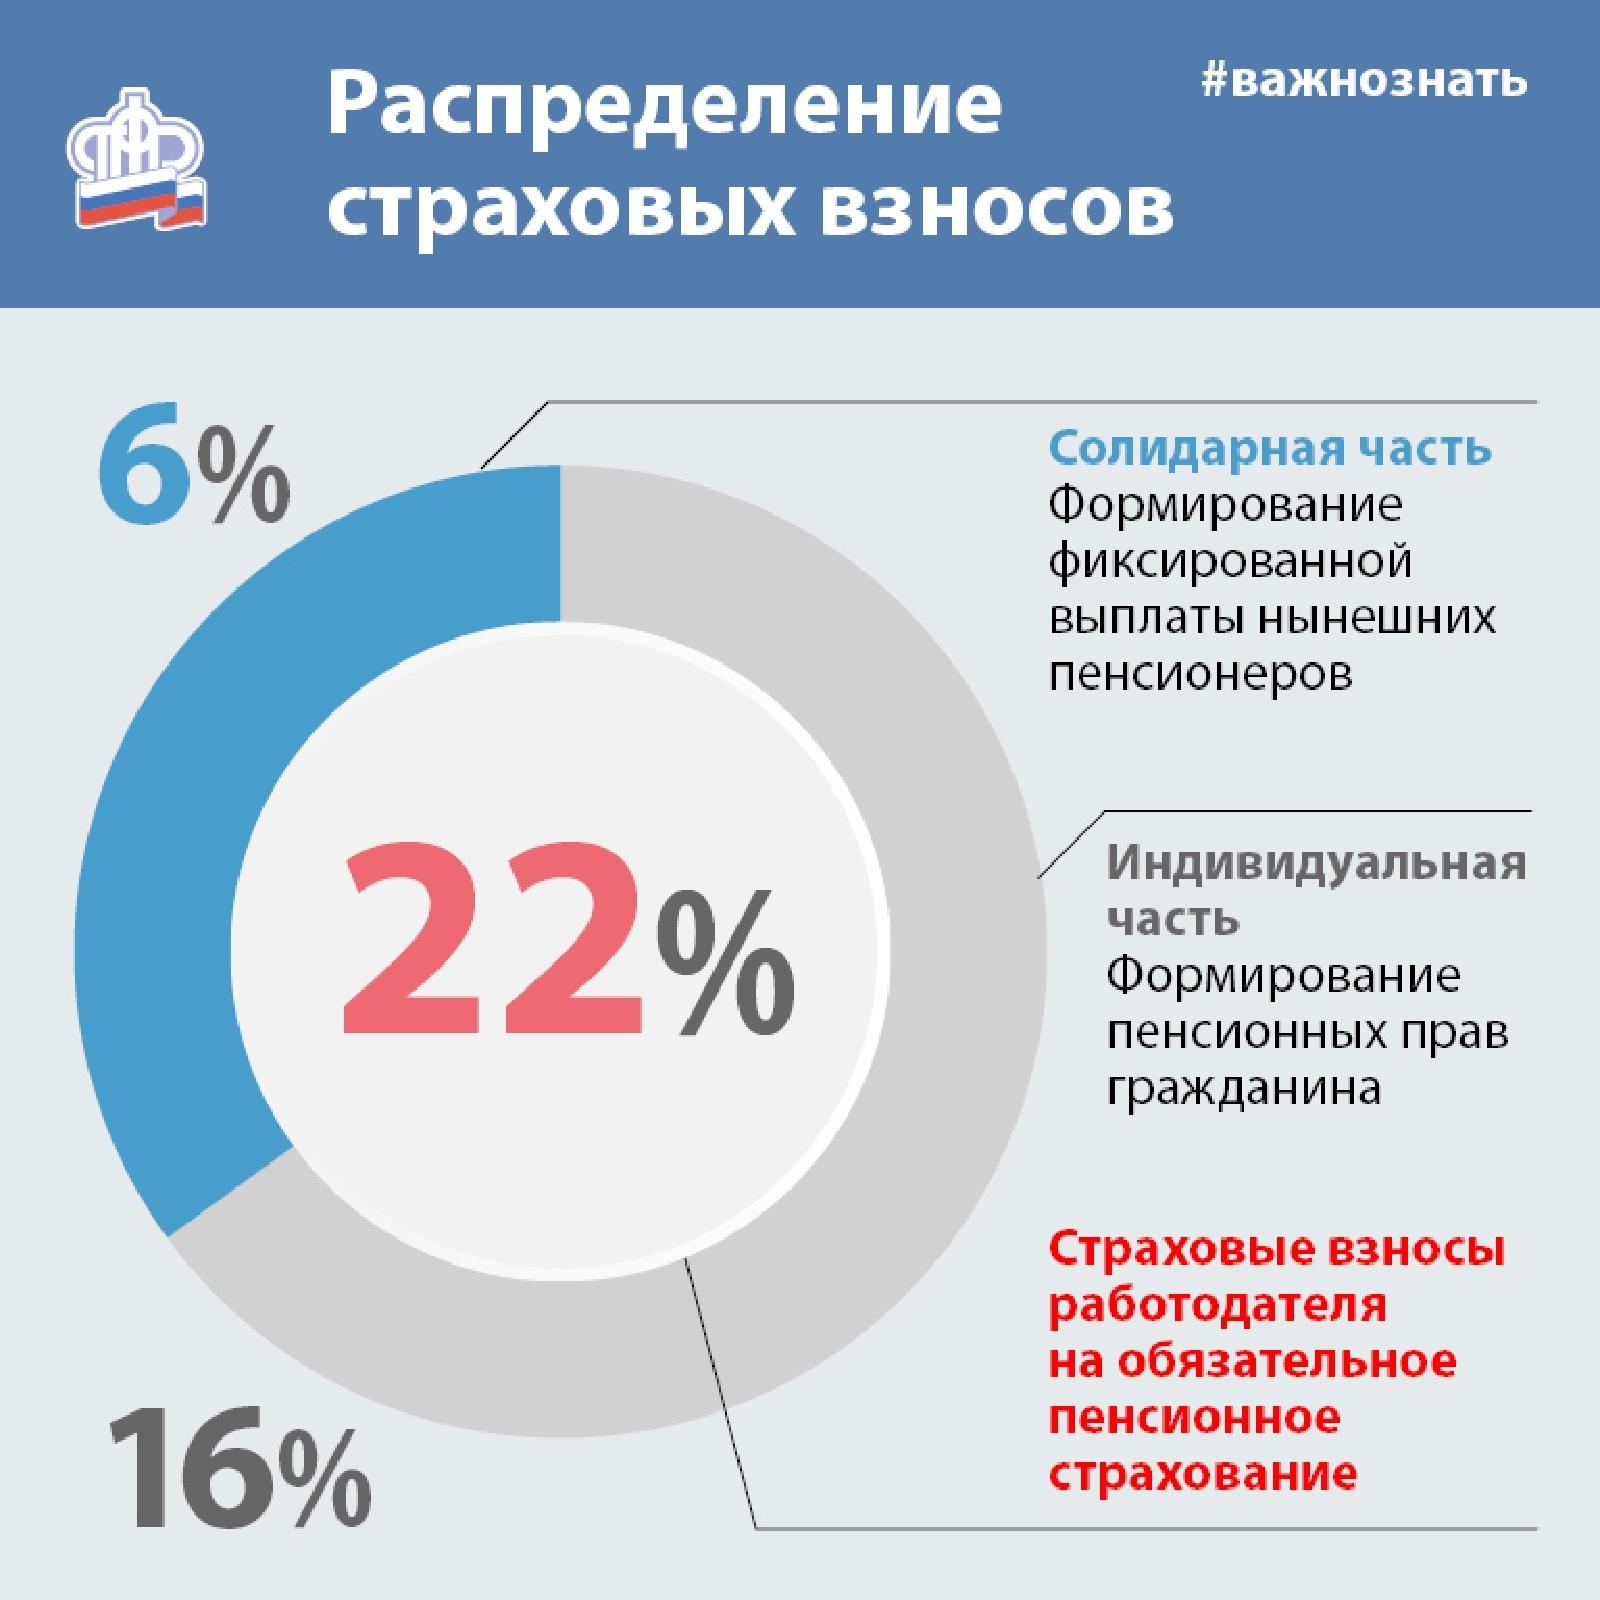 Пенсионный Фонд РФ личный кабинет — вход на официальный сайт